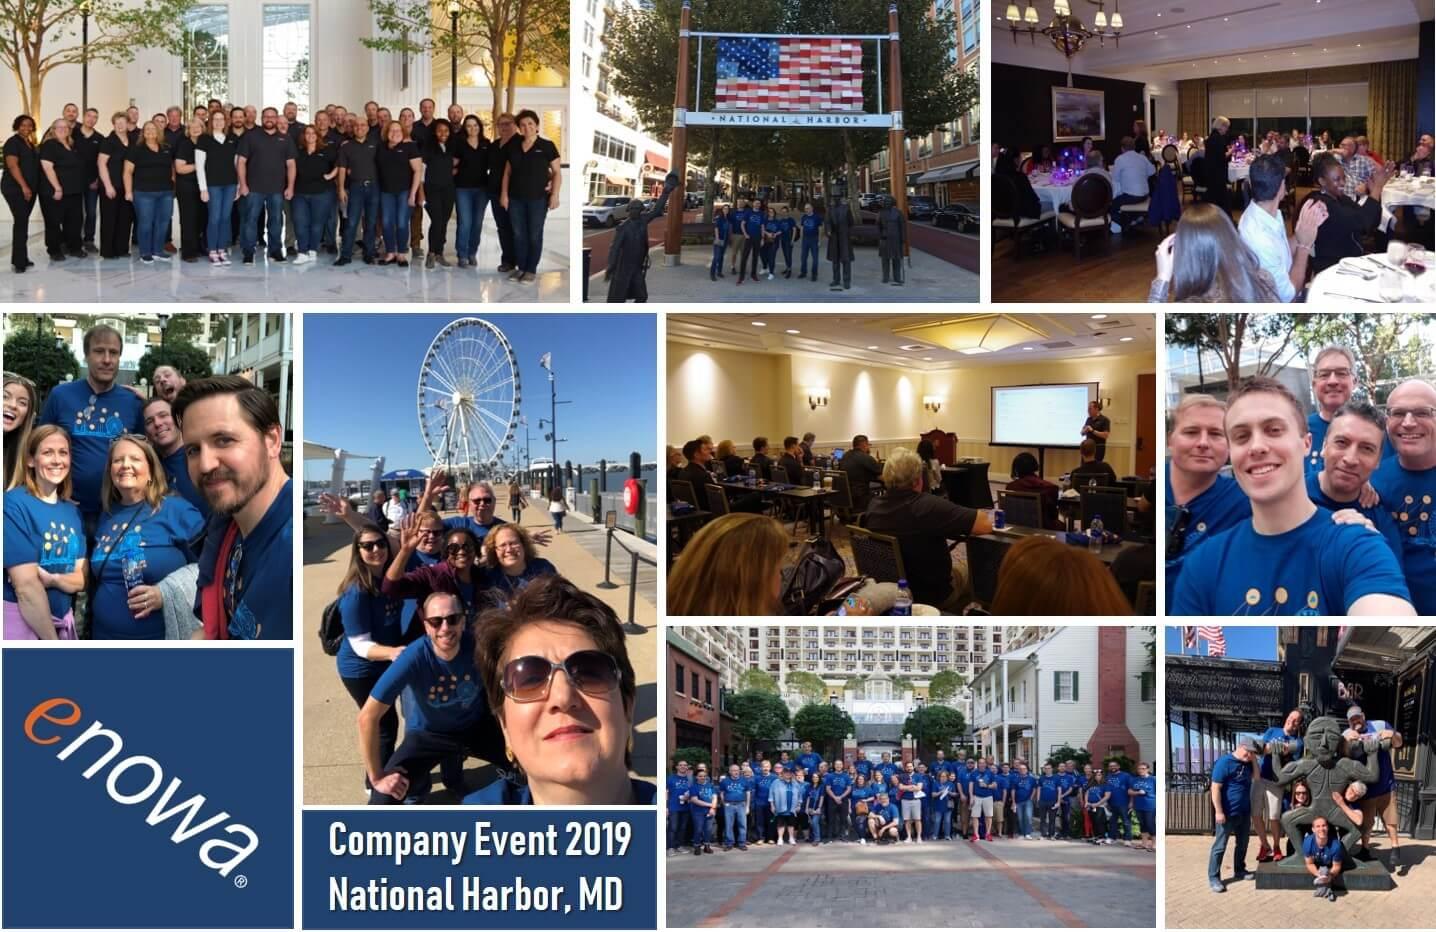 Enowa Annual Company Event 2019